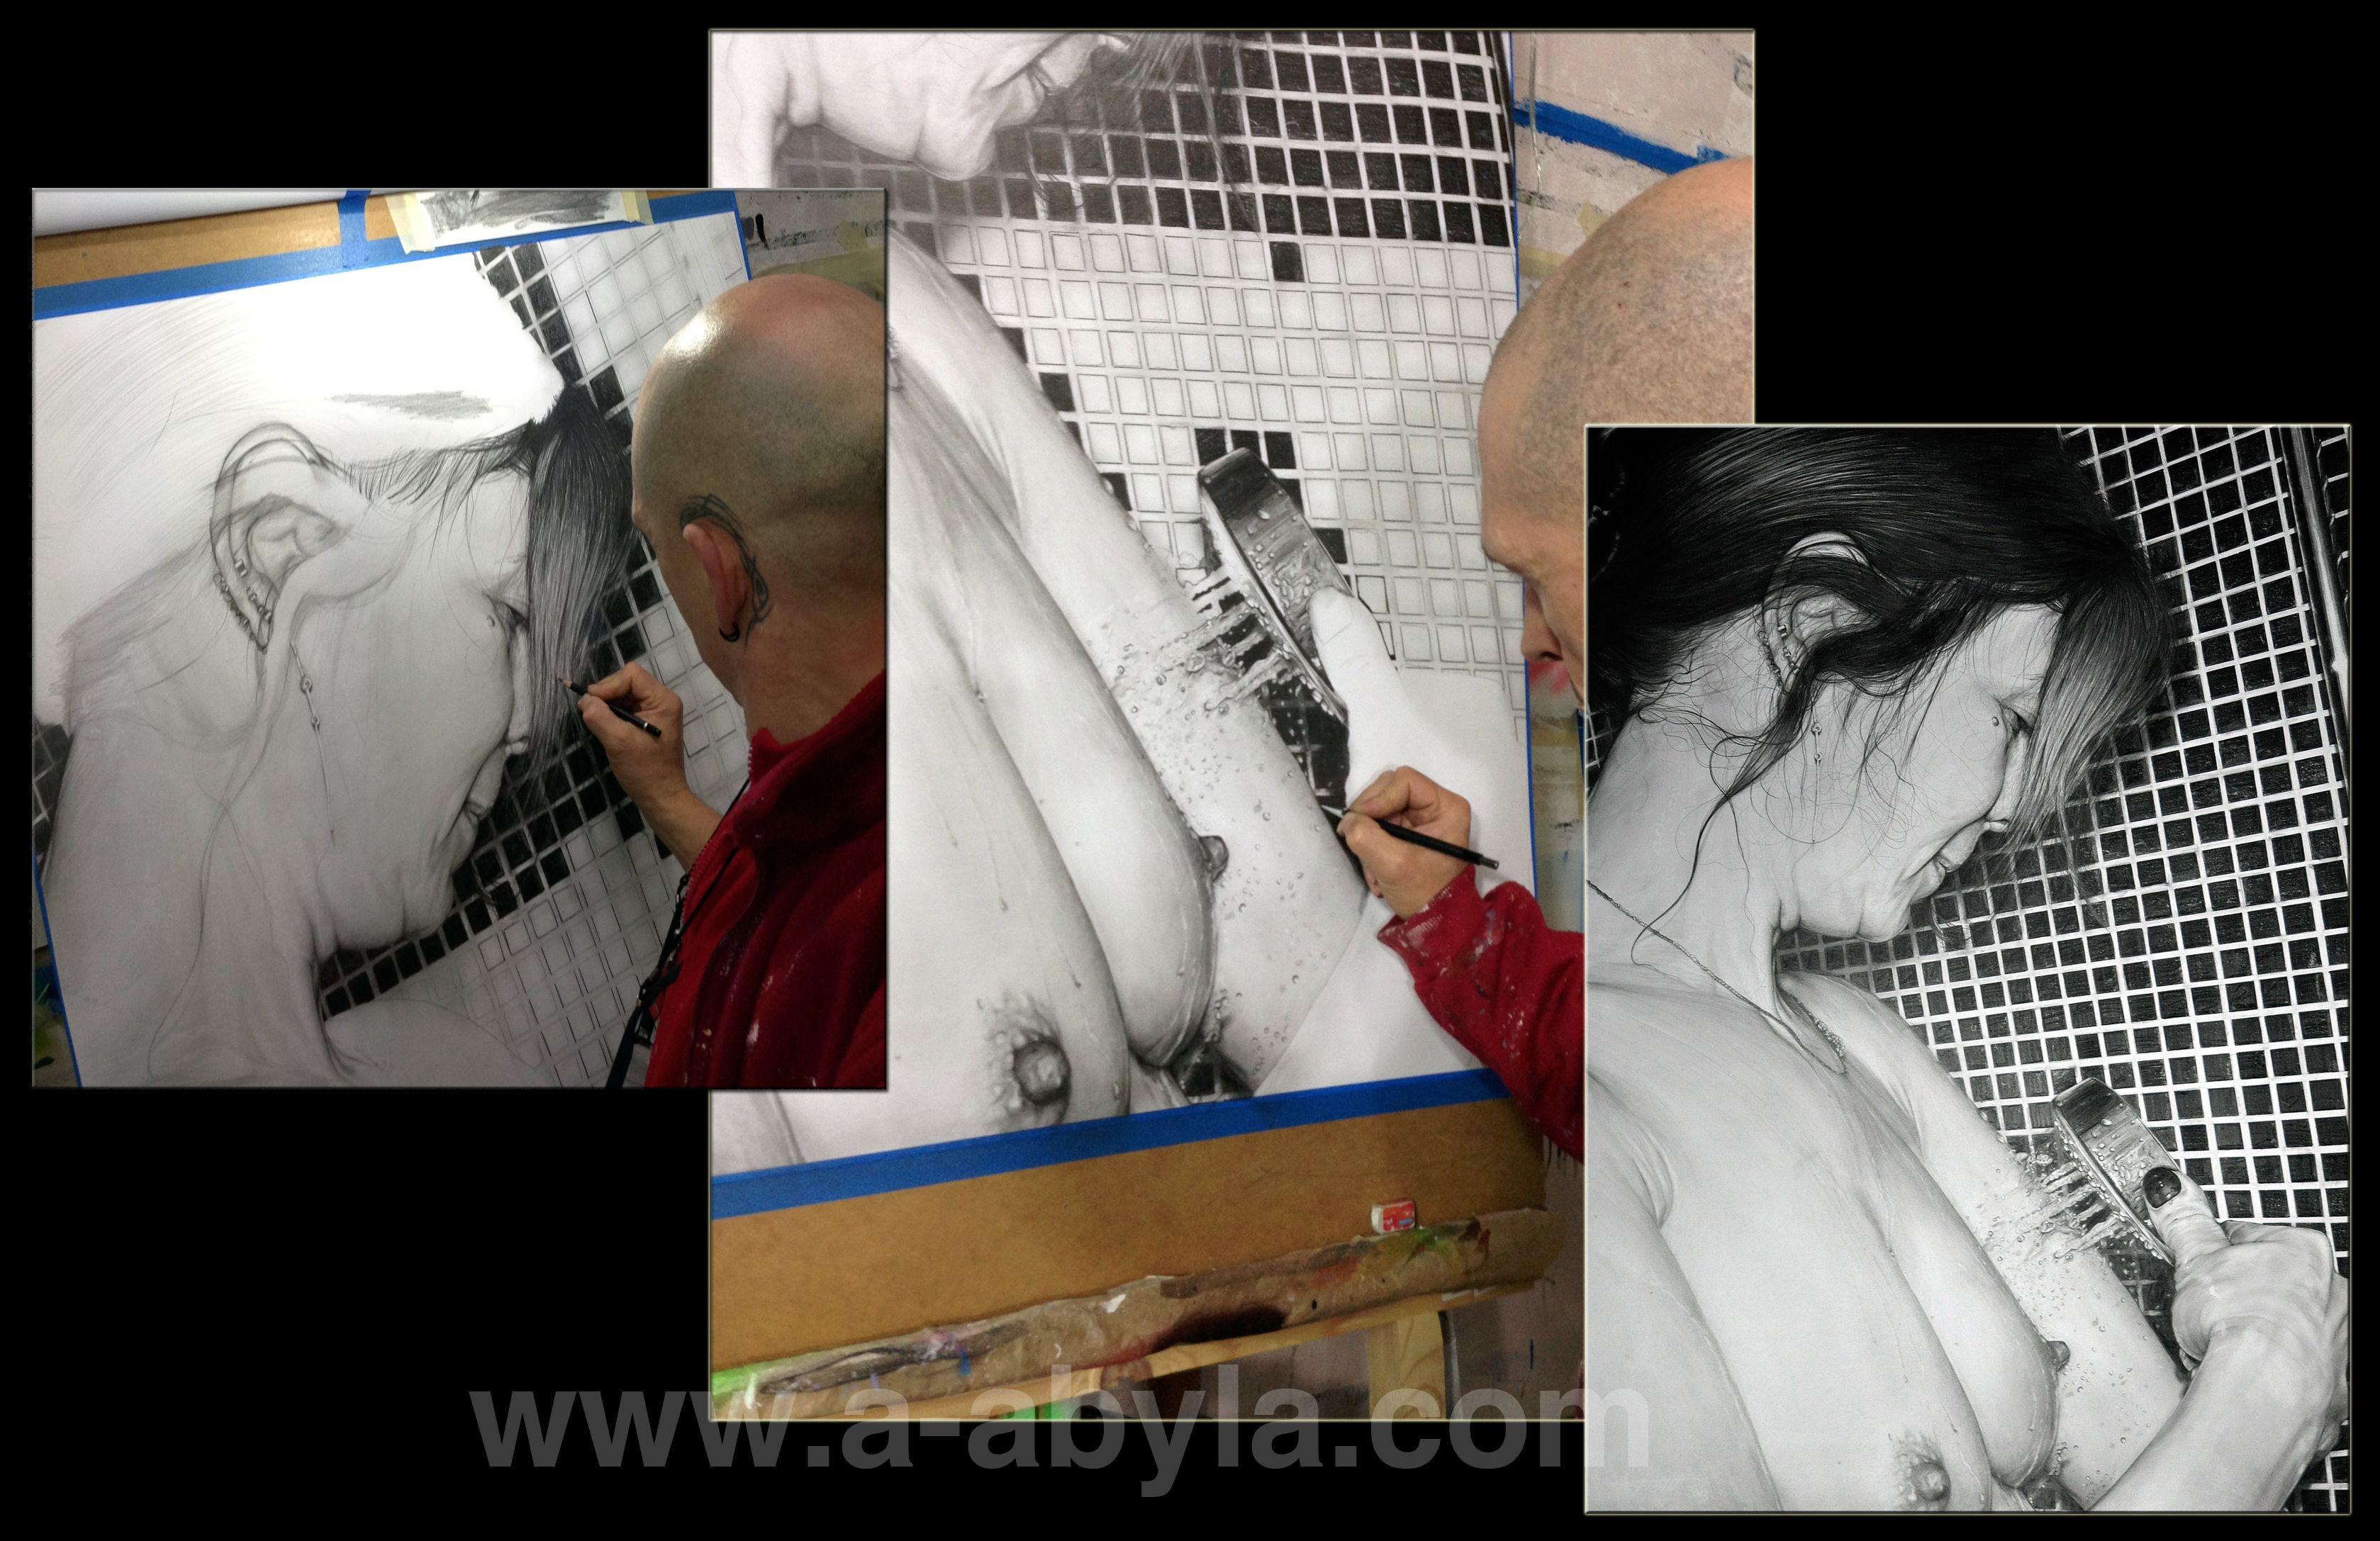 tableau hyperréalisme Dessin hyperréaliste au crayon sur papier  www.a-abyla.com